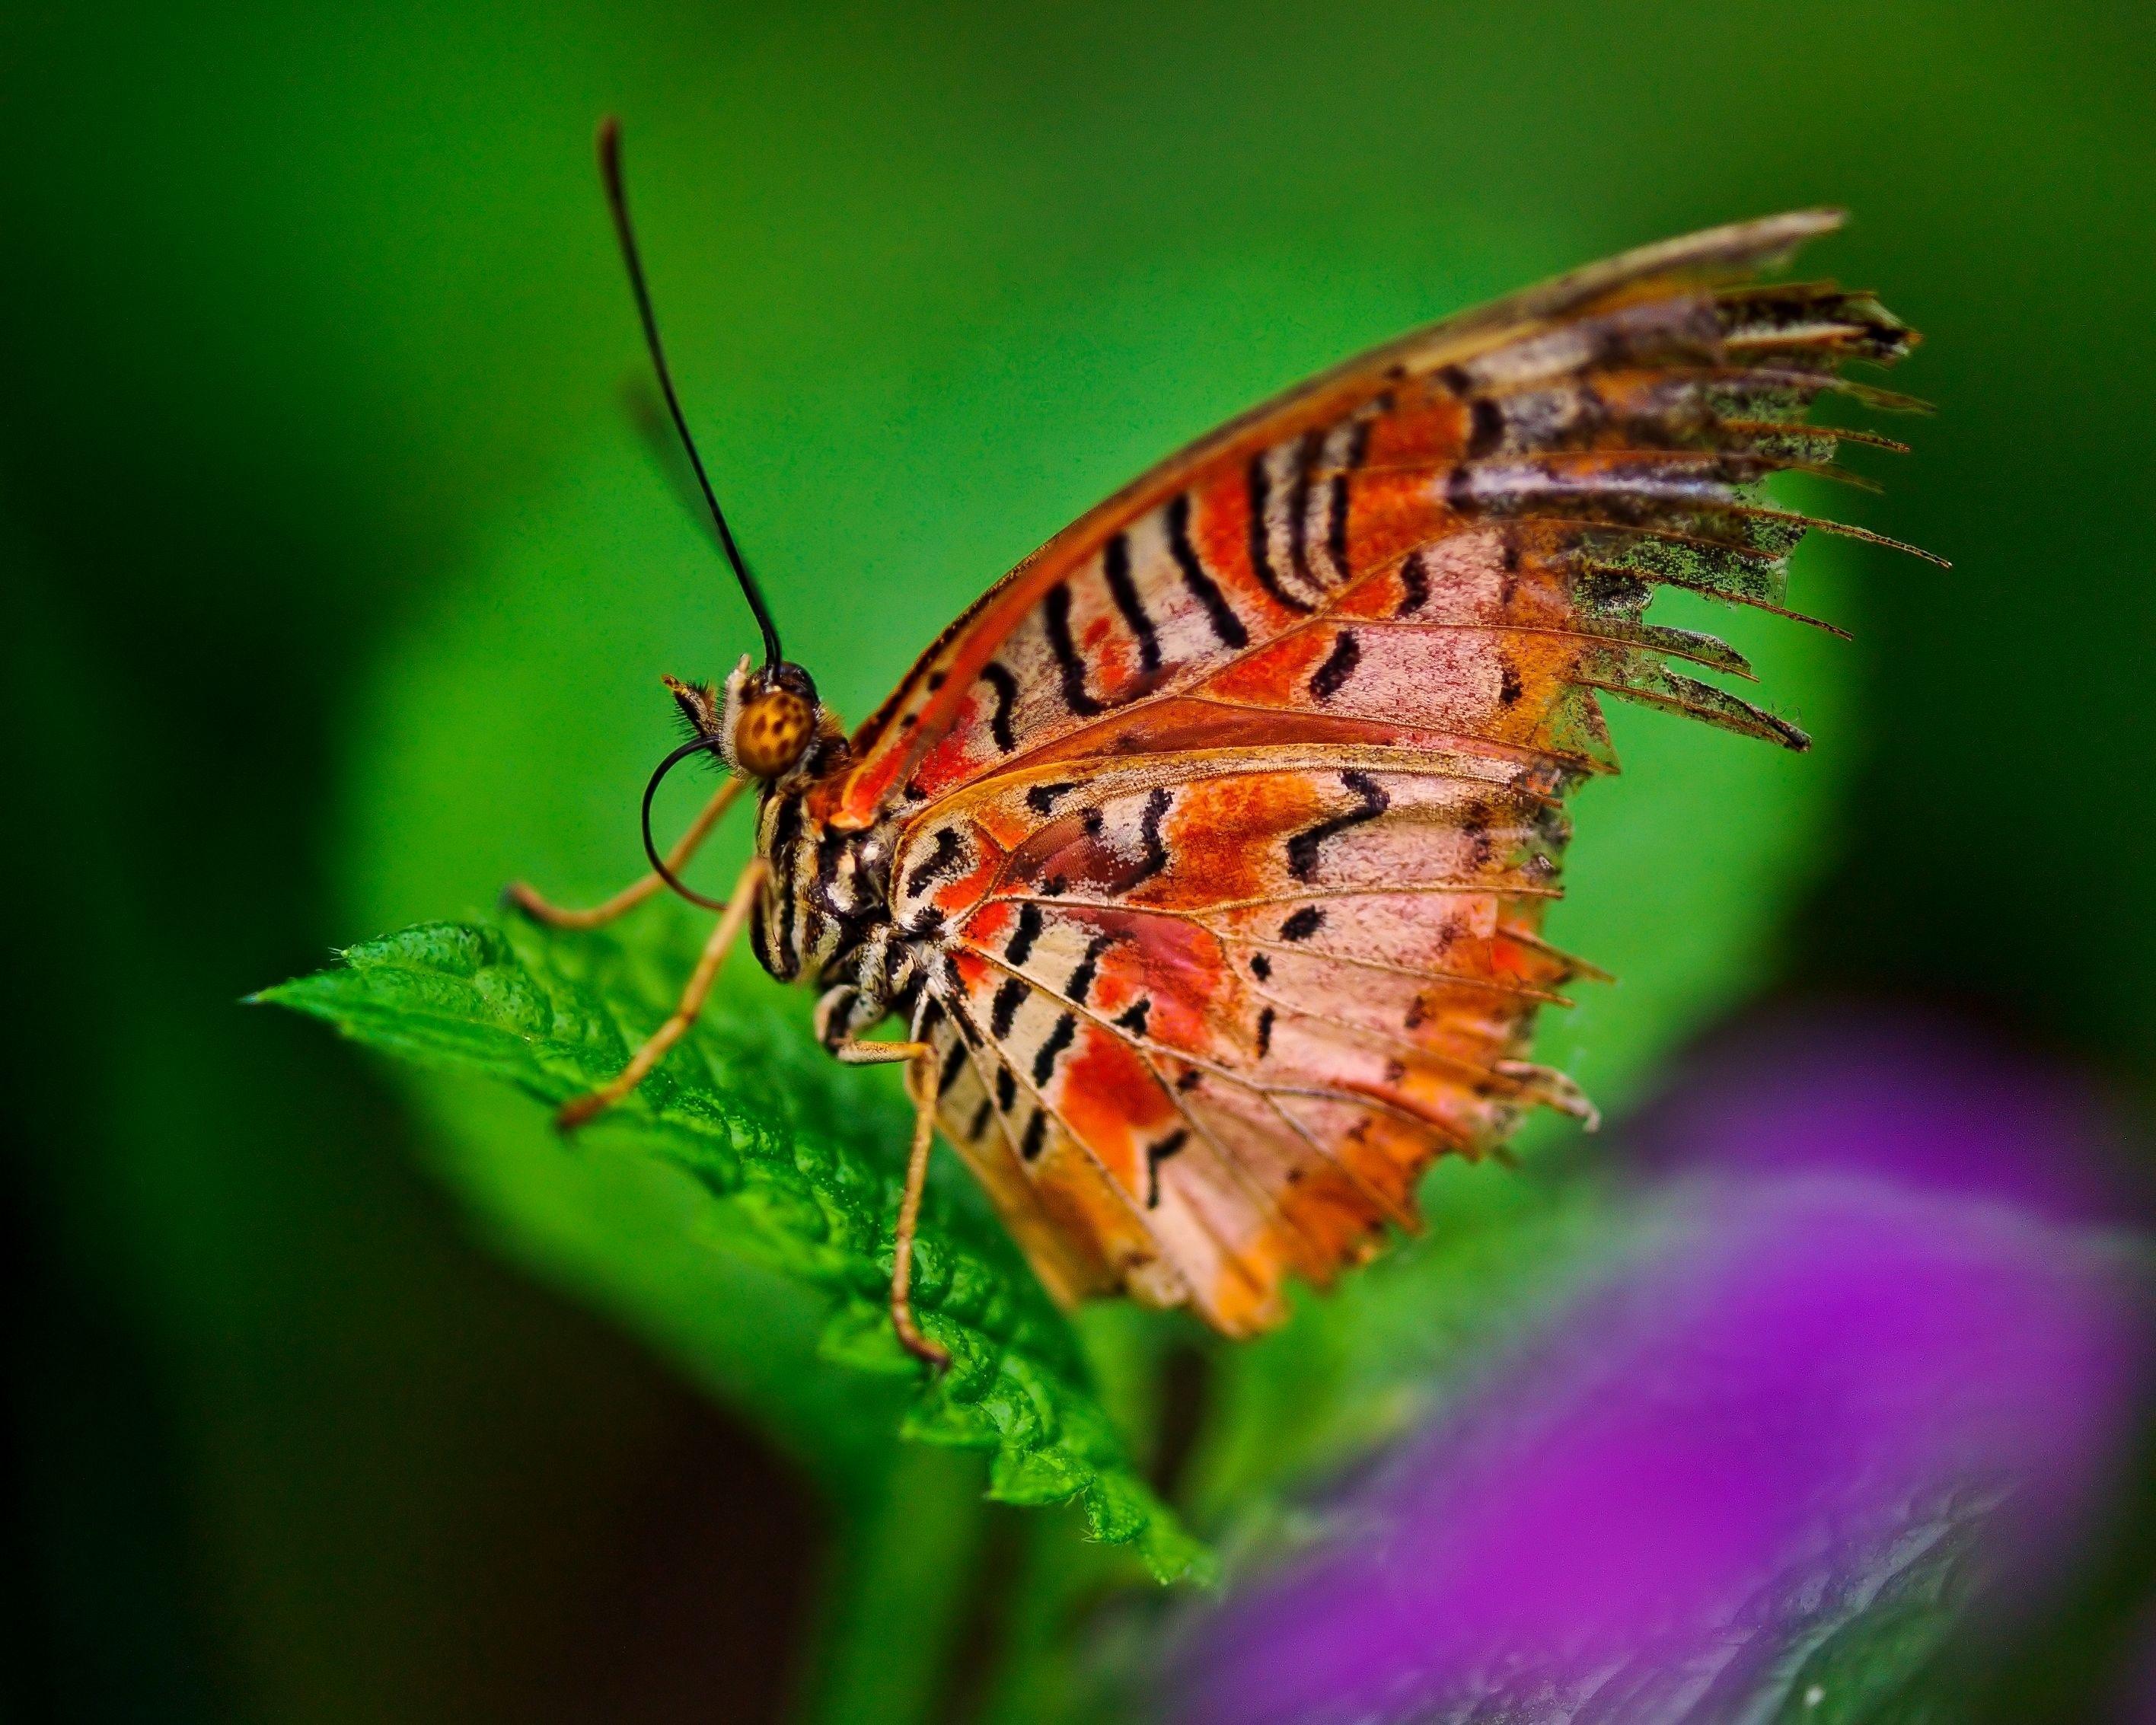 53769 скачать обои Макро, Бабочка, Растение, Листья, Узоры - заставки и картинки бесплатно